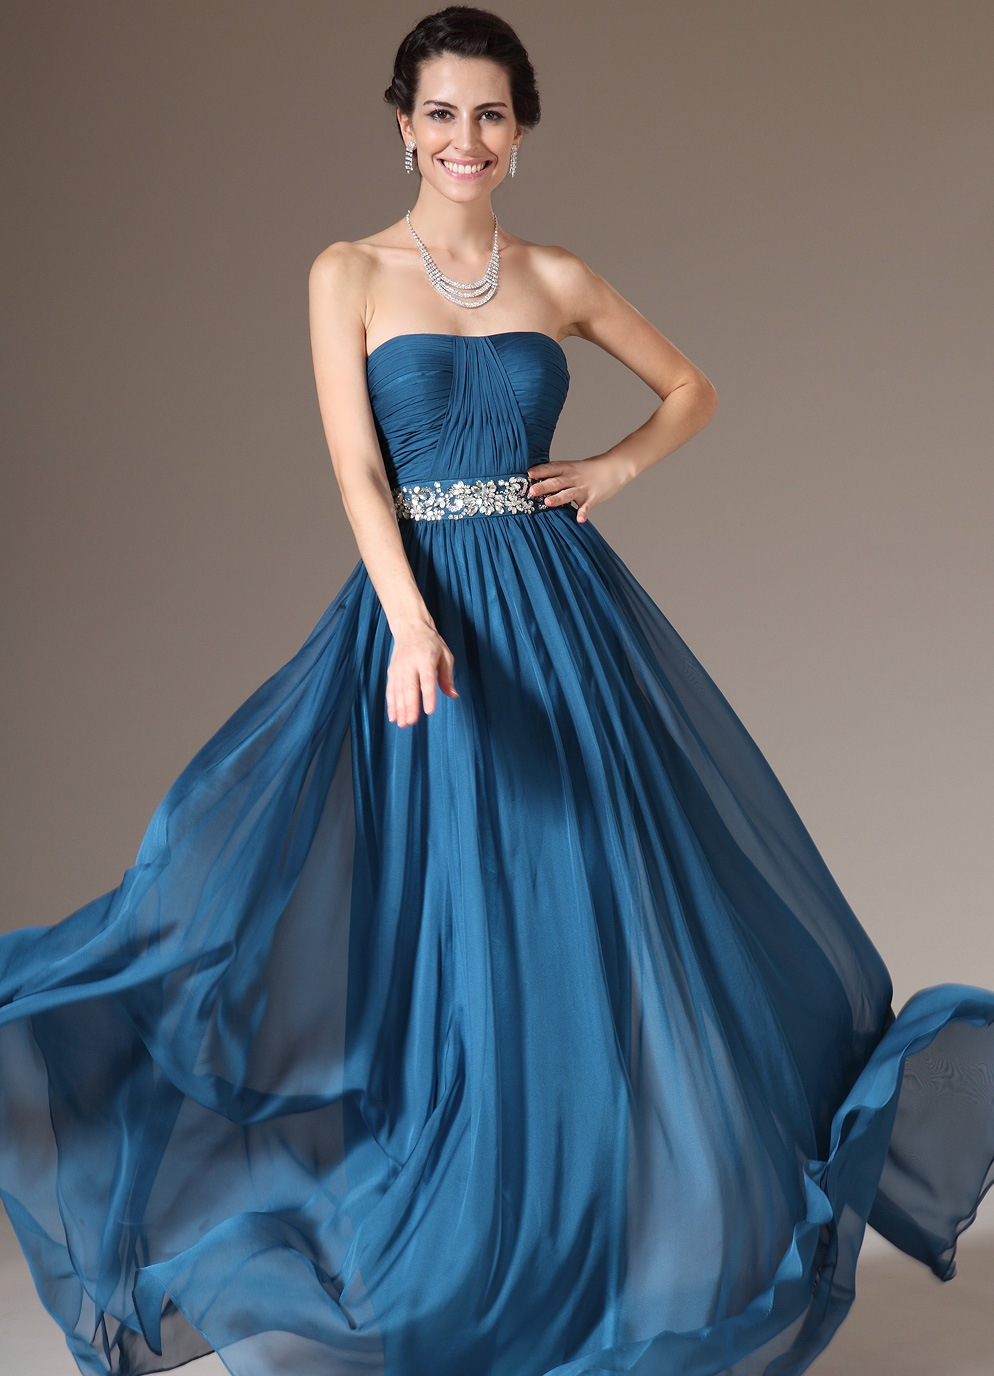 Картинки платье вечерних платьев